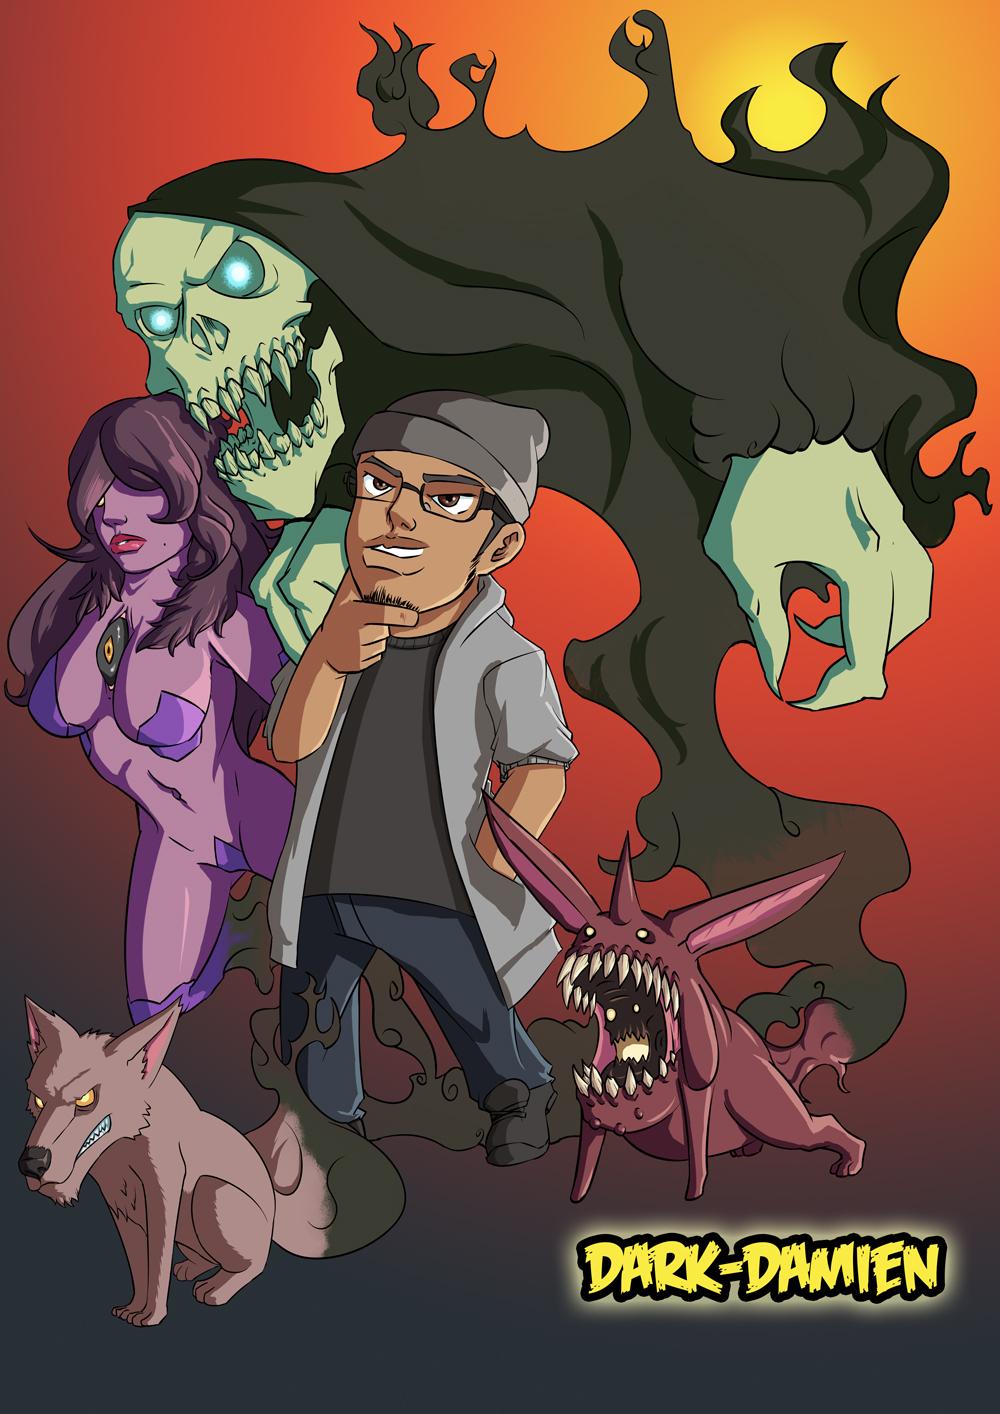 Dark-Damien's Profile Picture